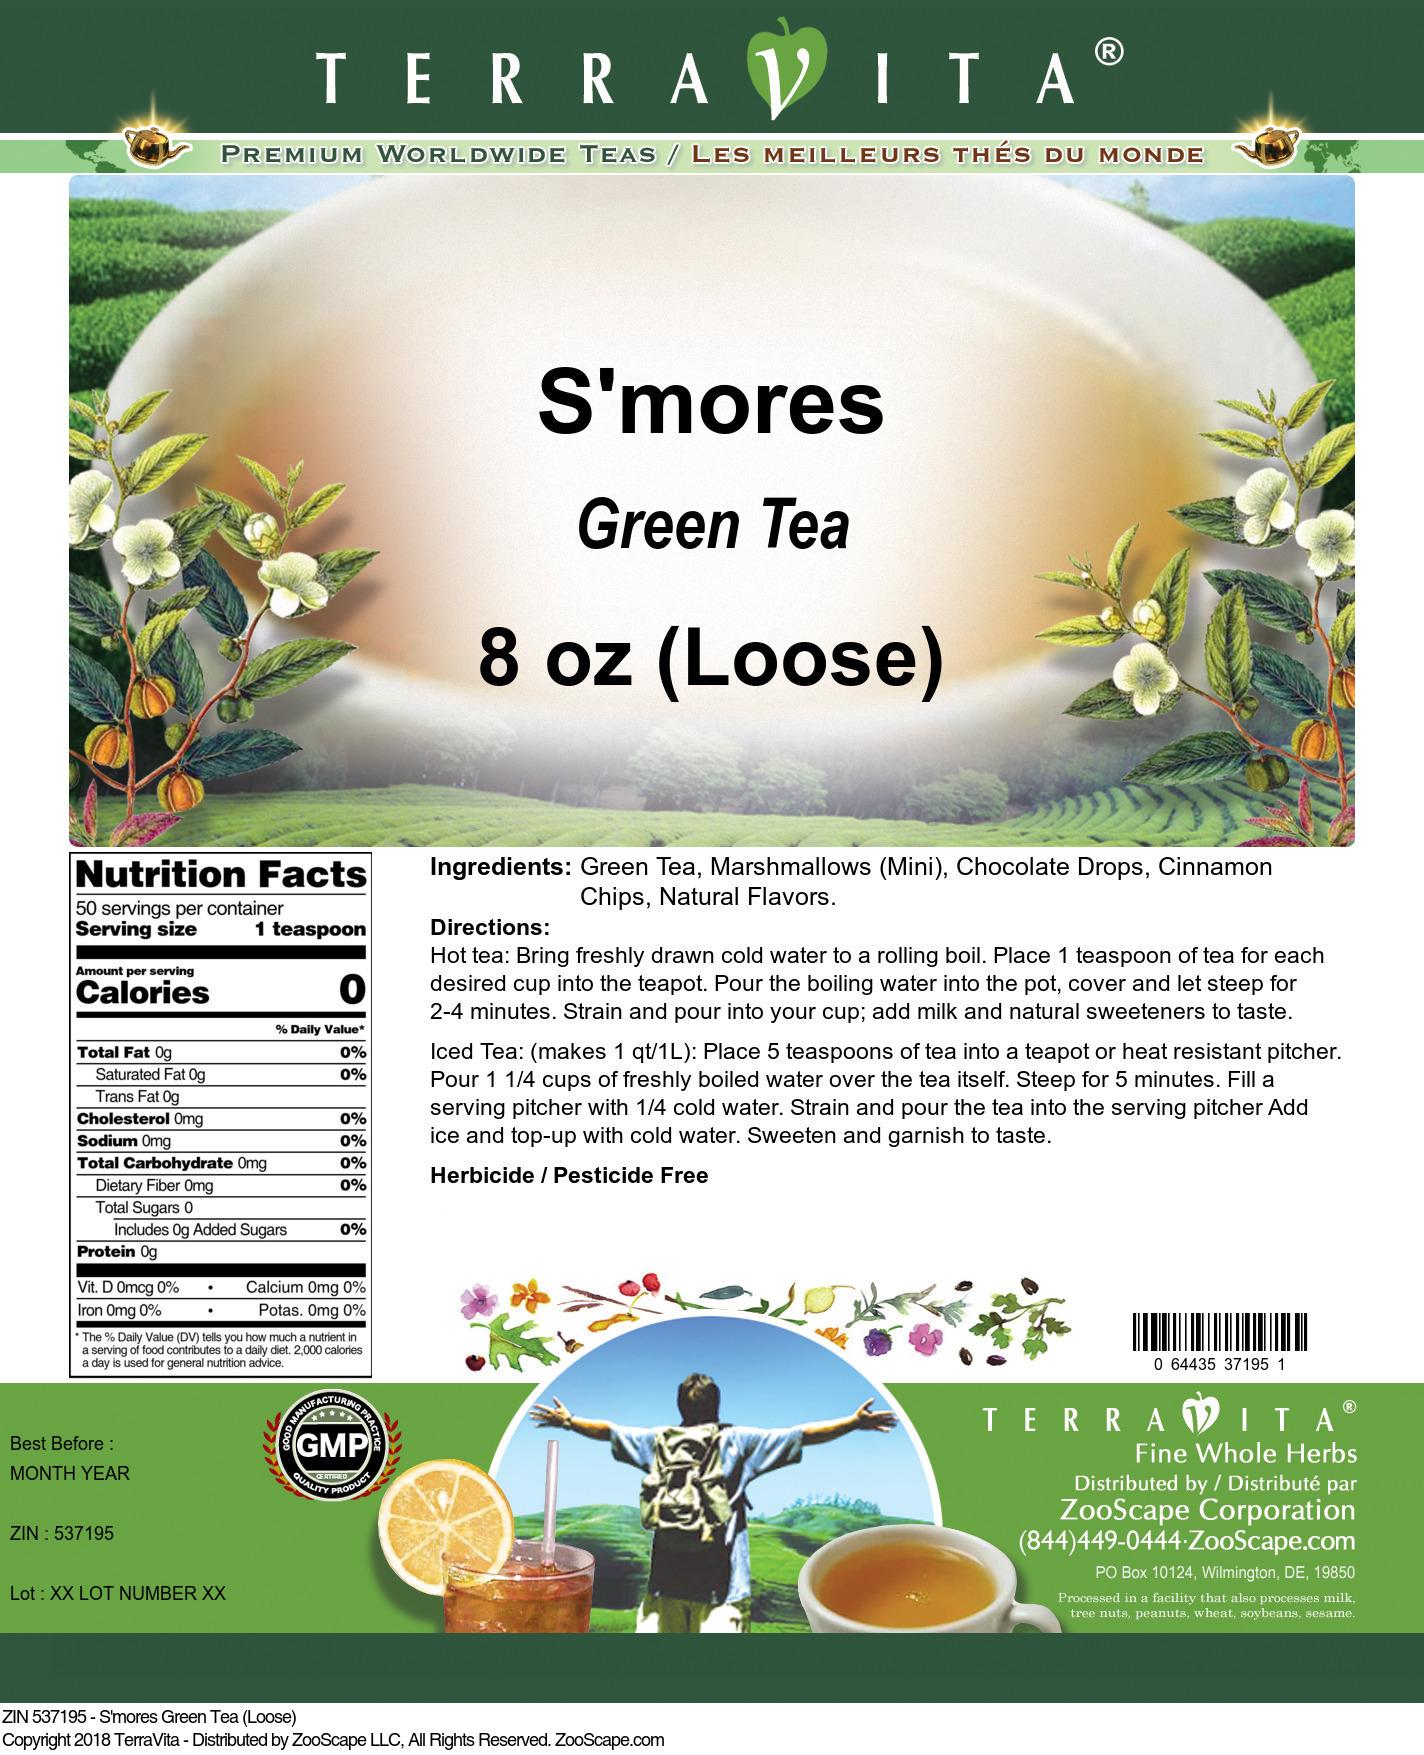 S'mores Green Tea (Loose)